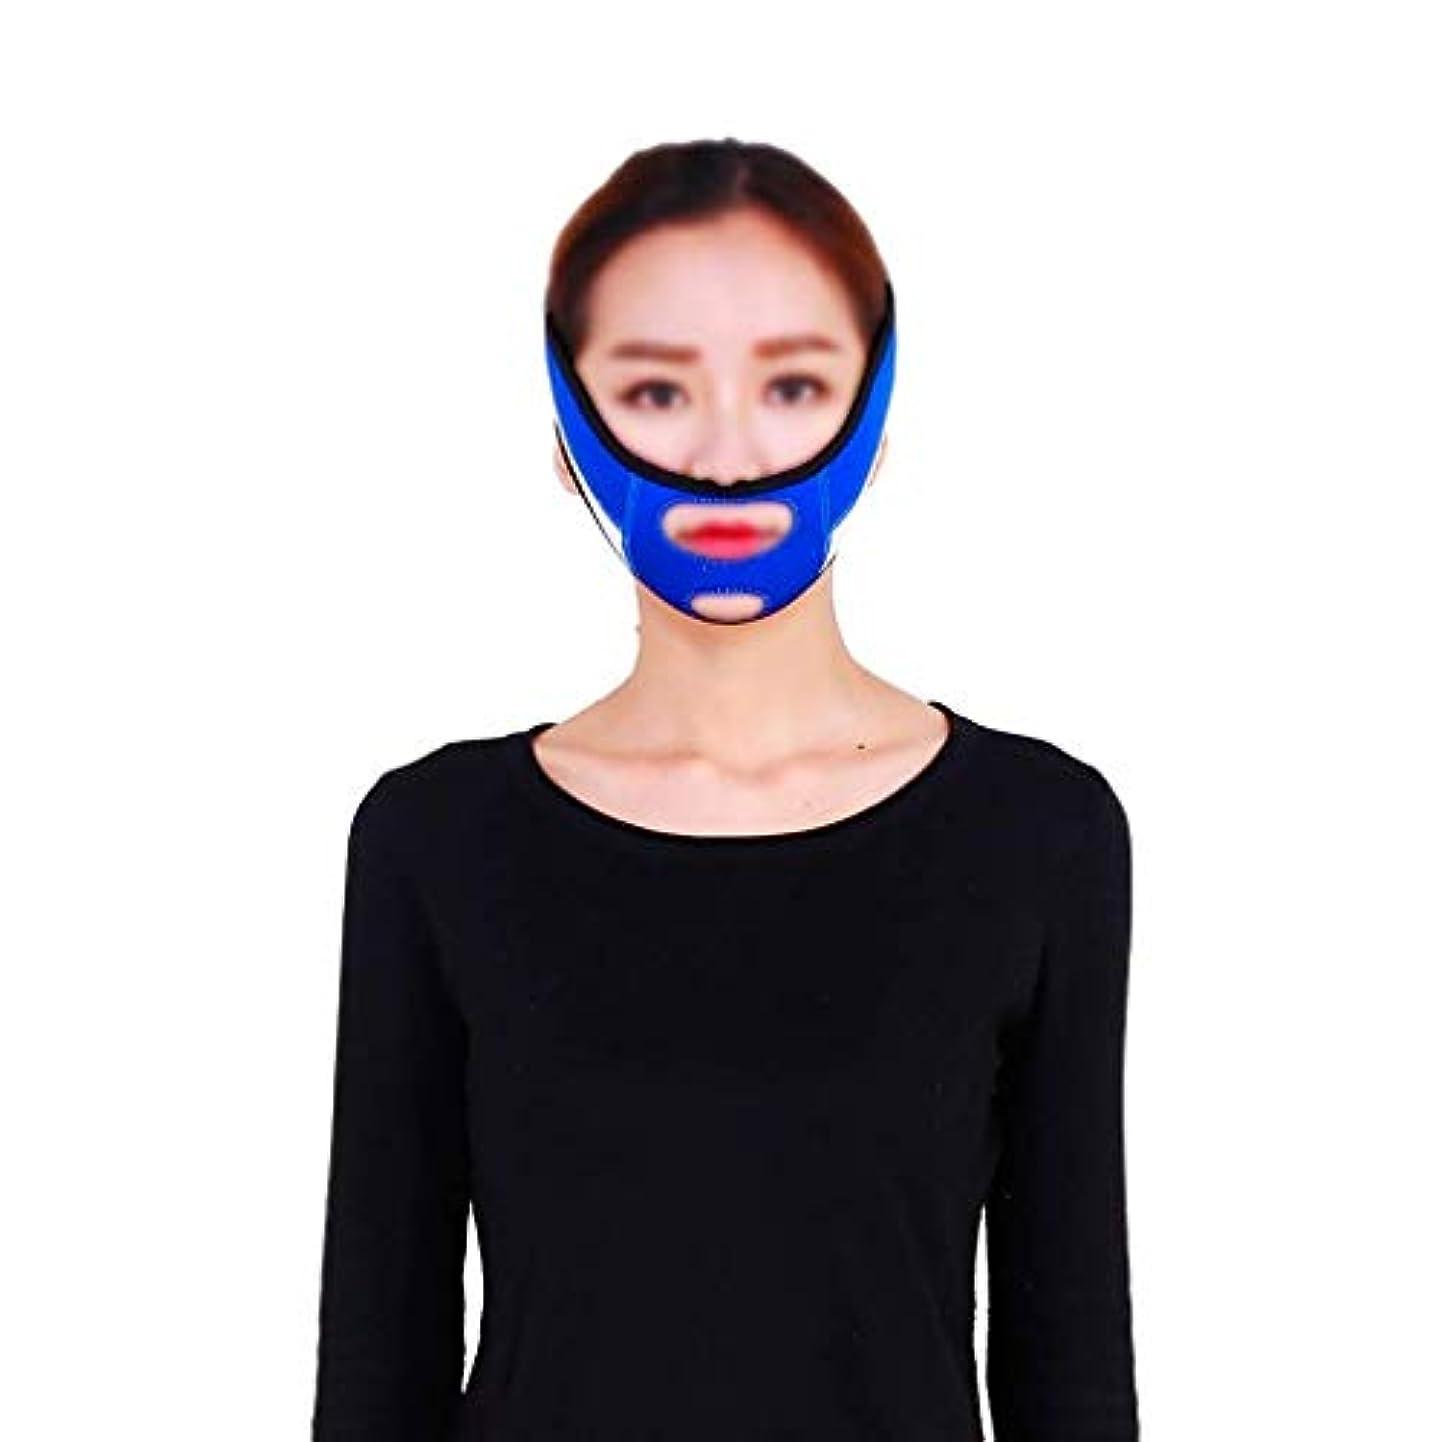 引き算簡略化する音楽ファーミングフェイスマスク、スモールVフェイスアーティファクトリフティングマスク、口を調整して垂れ下がった肌を縮小滑り止め弾性ストレッチ包帯